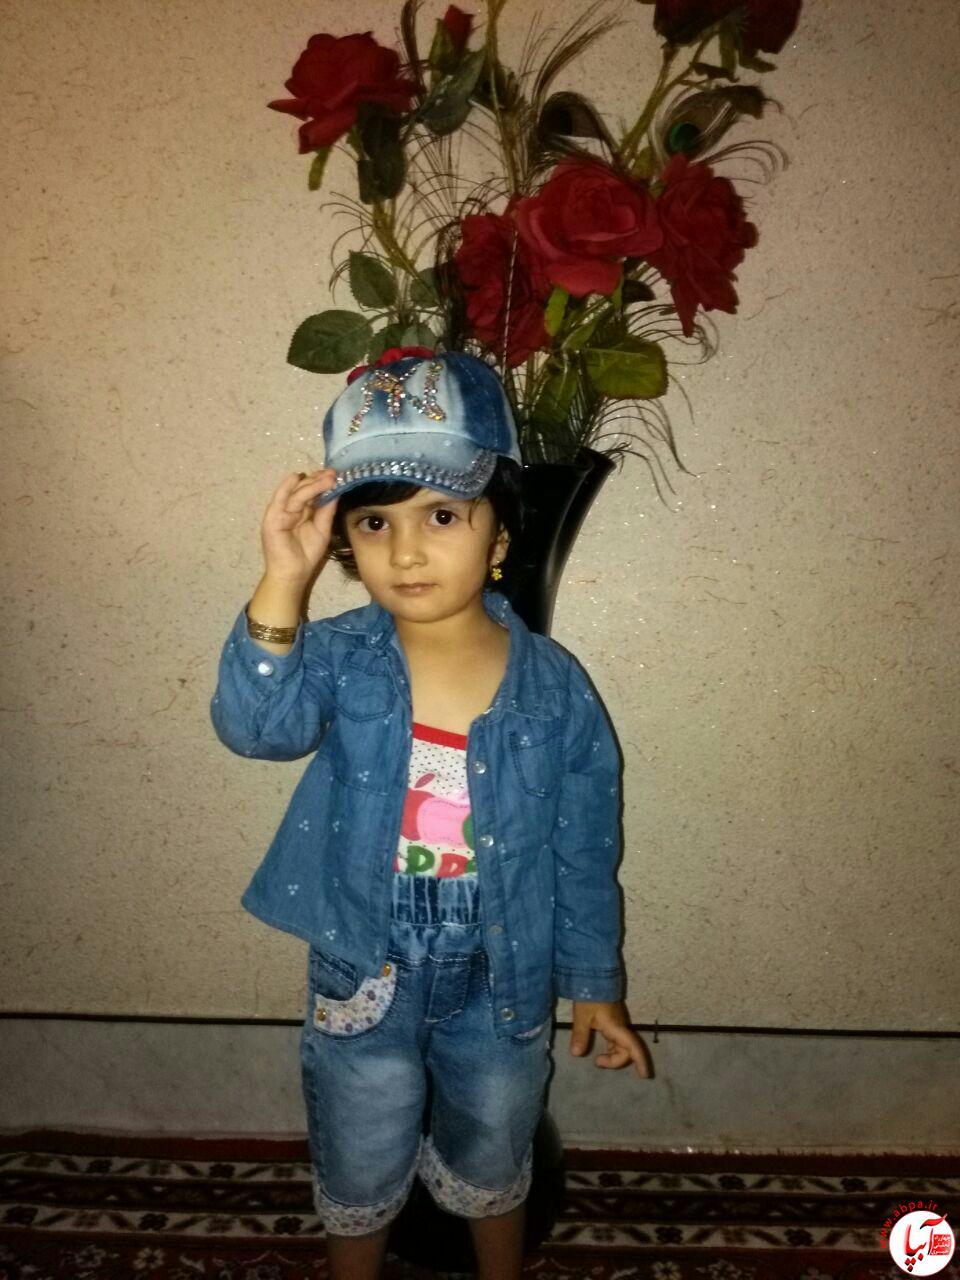 نیکا شمشیری 2 ساله میانرود شیراز